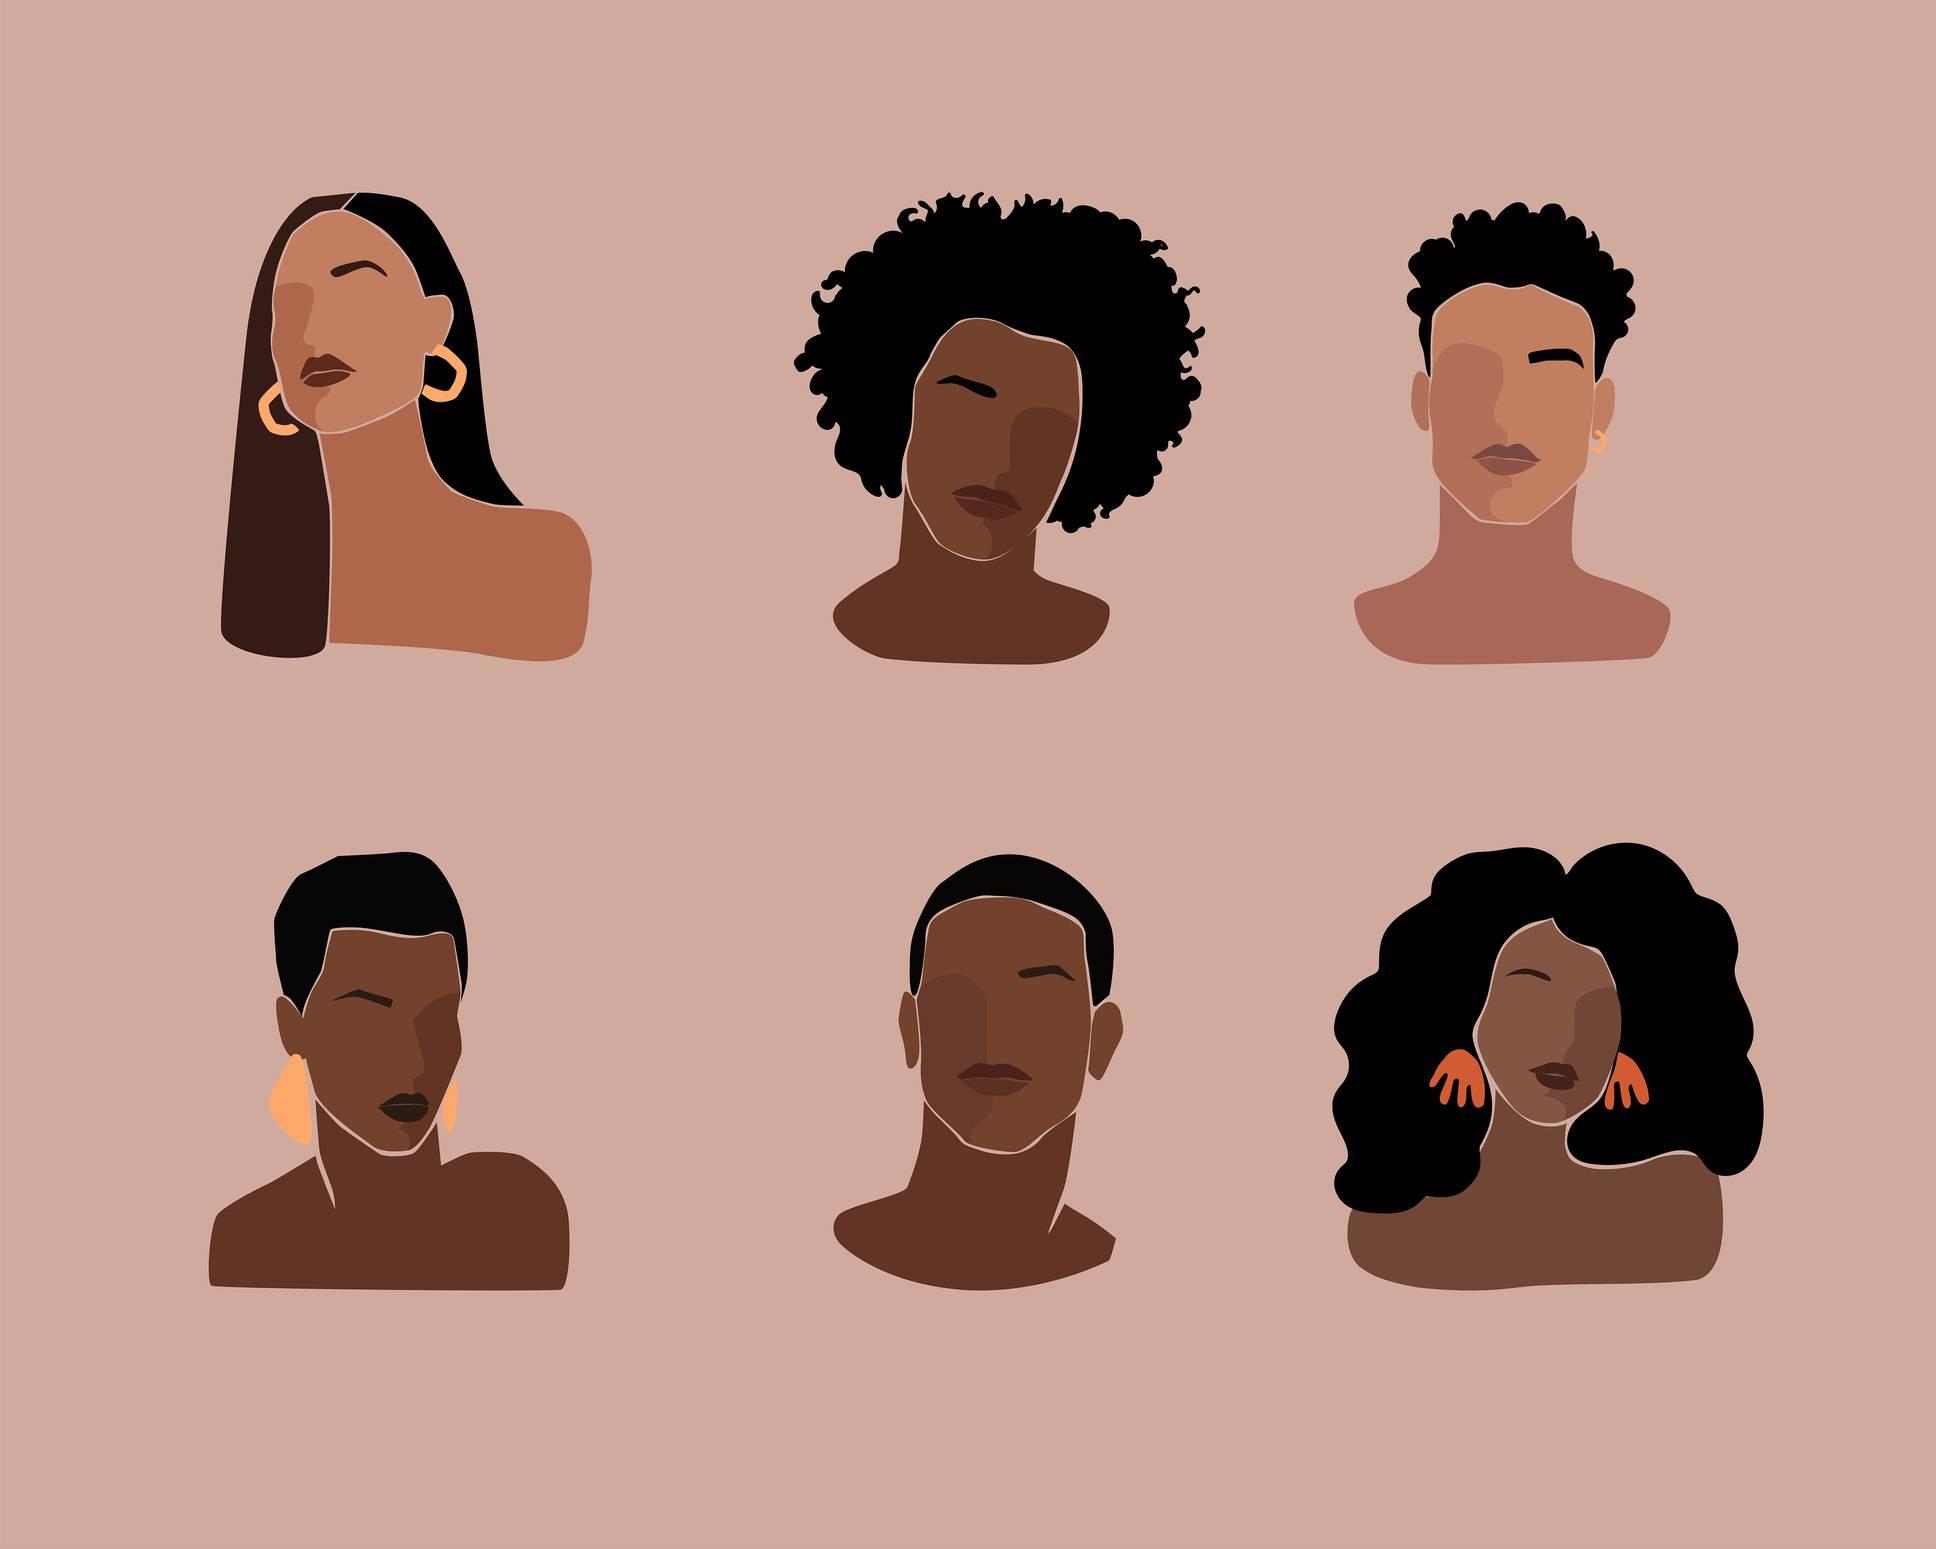 www.juicysantos.com.br - parem de nos matar - dia da consciência negra